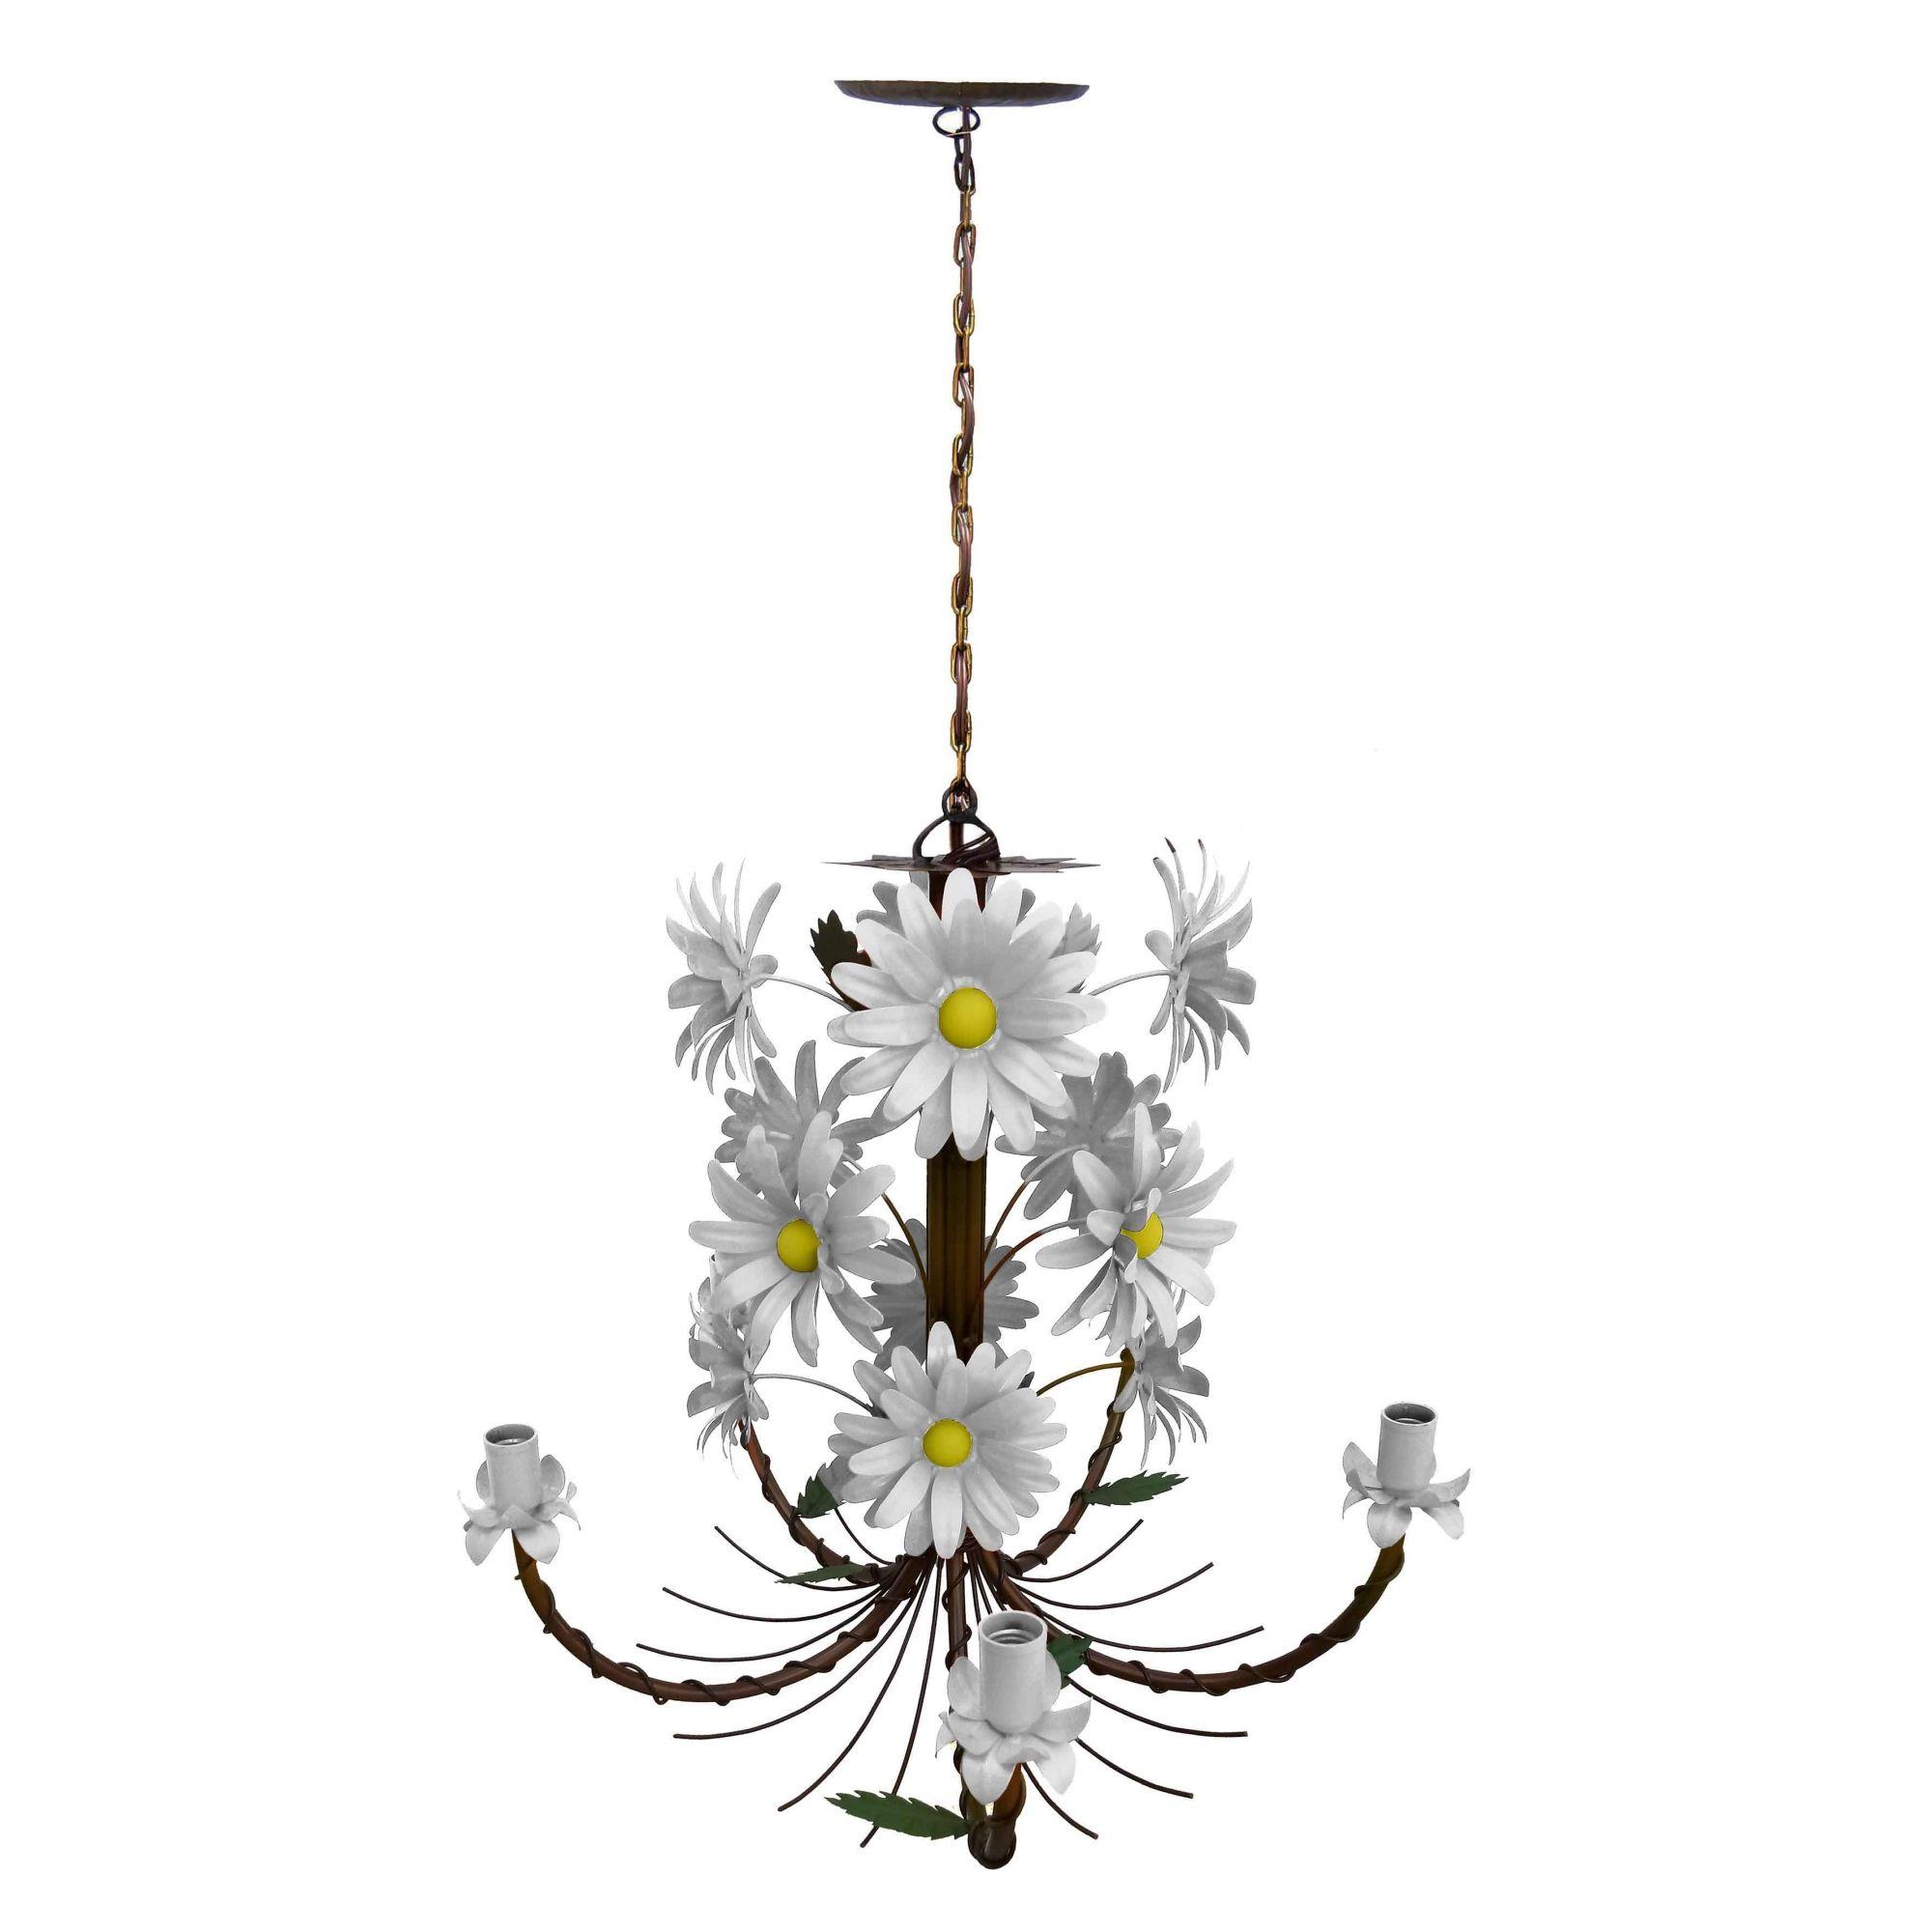 Luminaria de Teto Preço de Fabrica Artesanal em Ferro com Flores Colorida